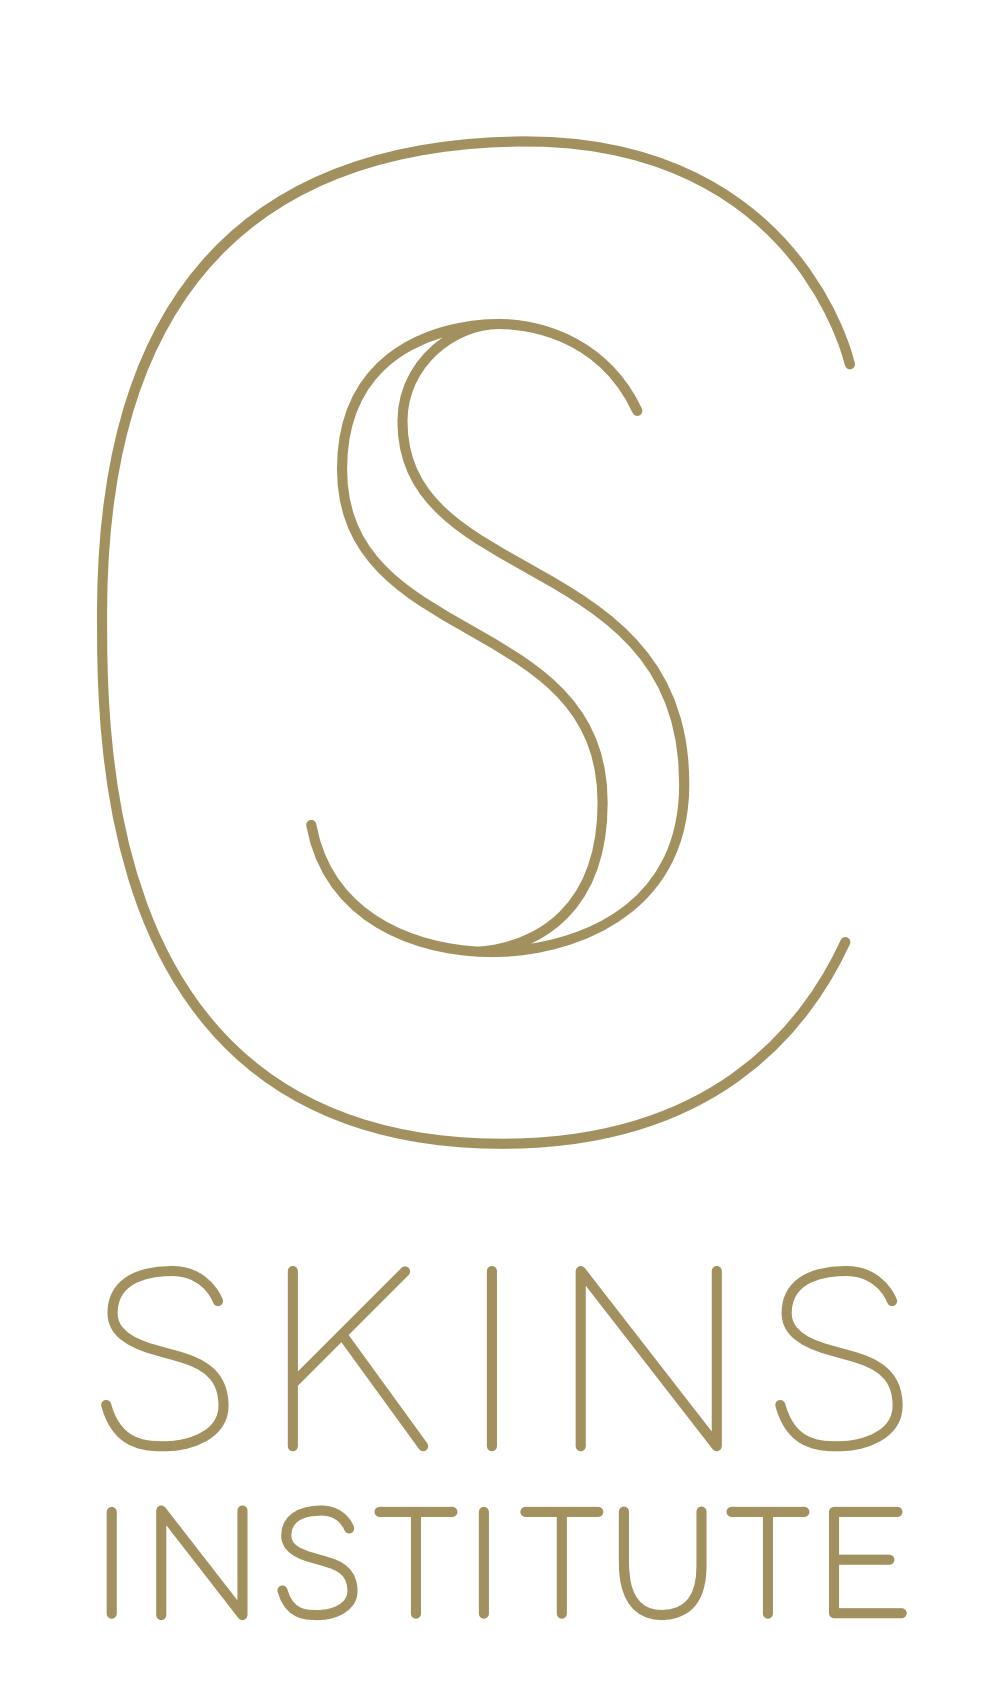 Skins Institute